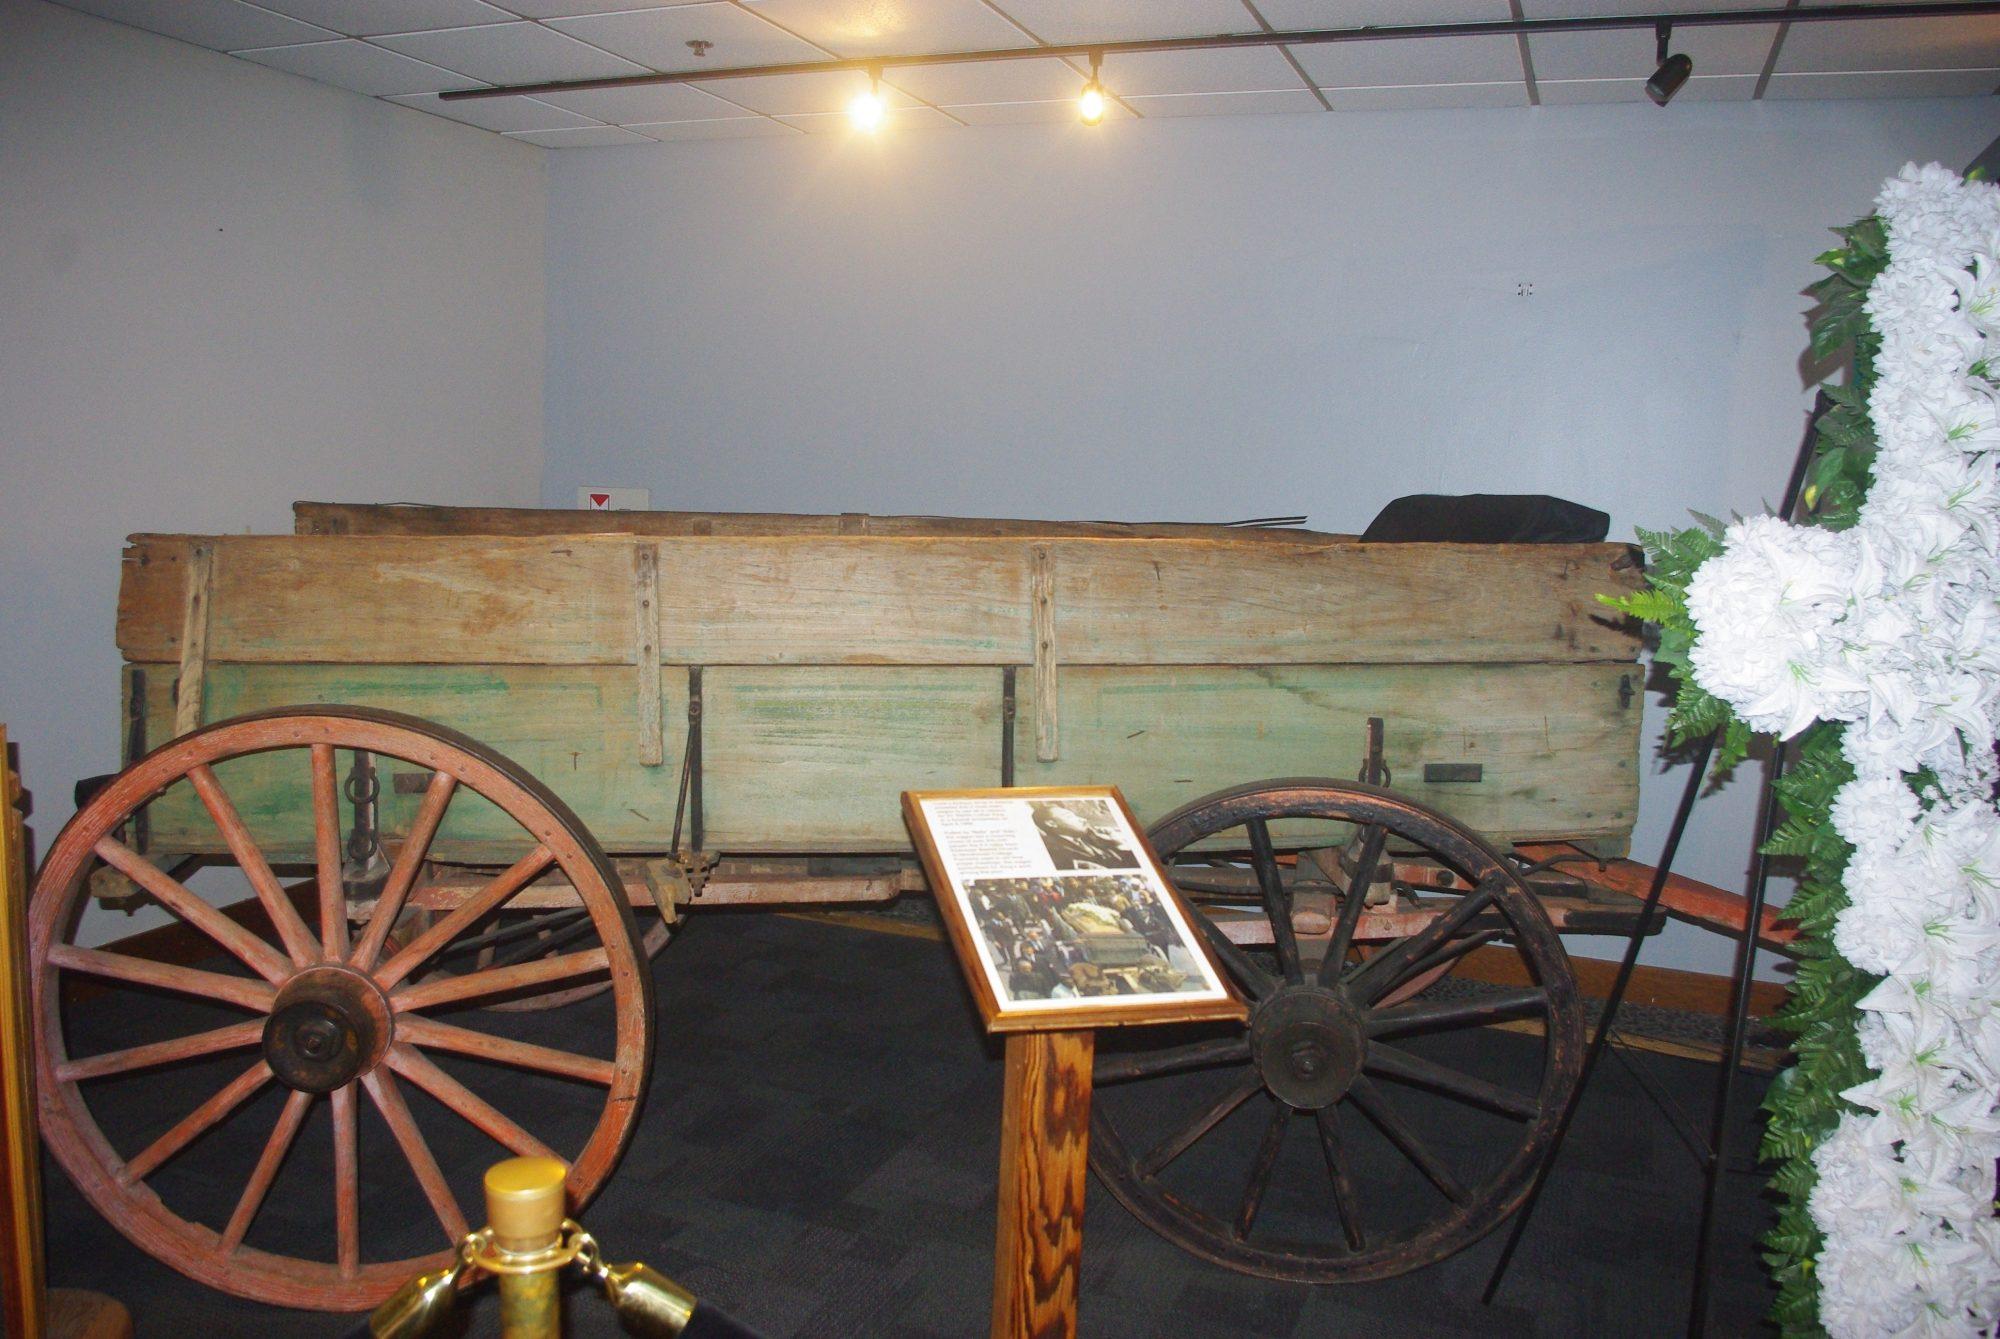 La charrette ayant porté son cercueil